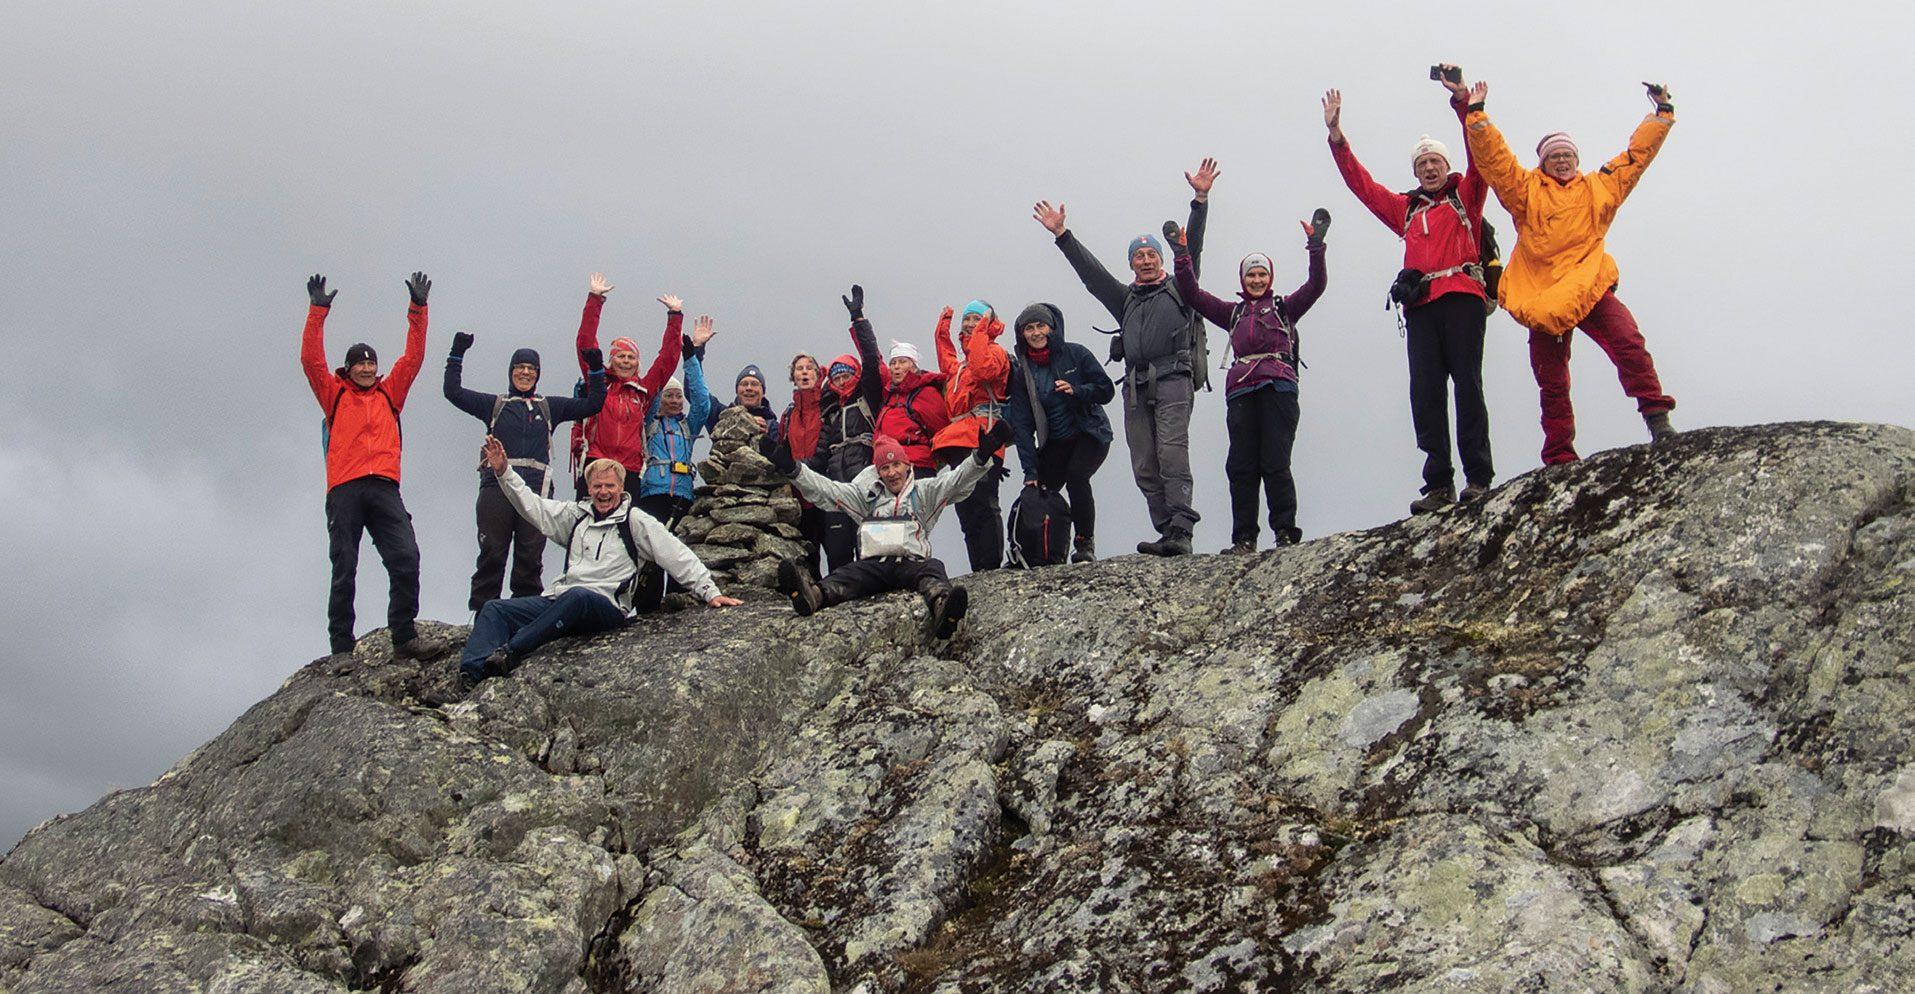 Havpadlere på toppen av Helvetet, 1574 meter over havet.